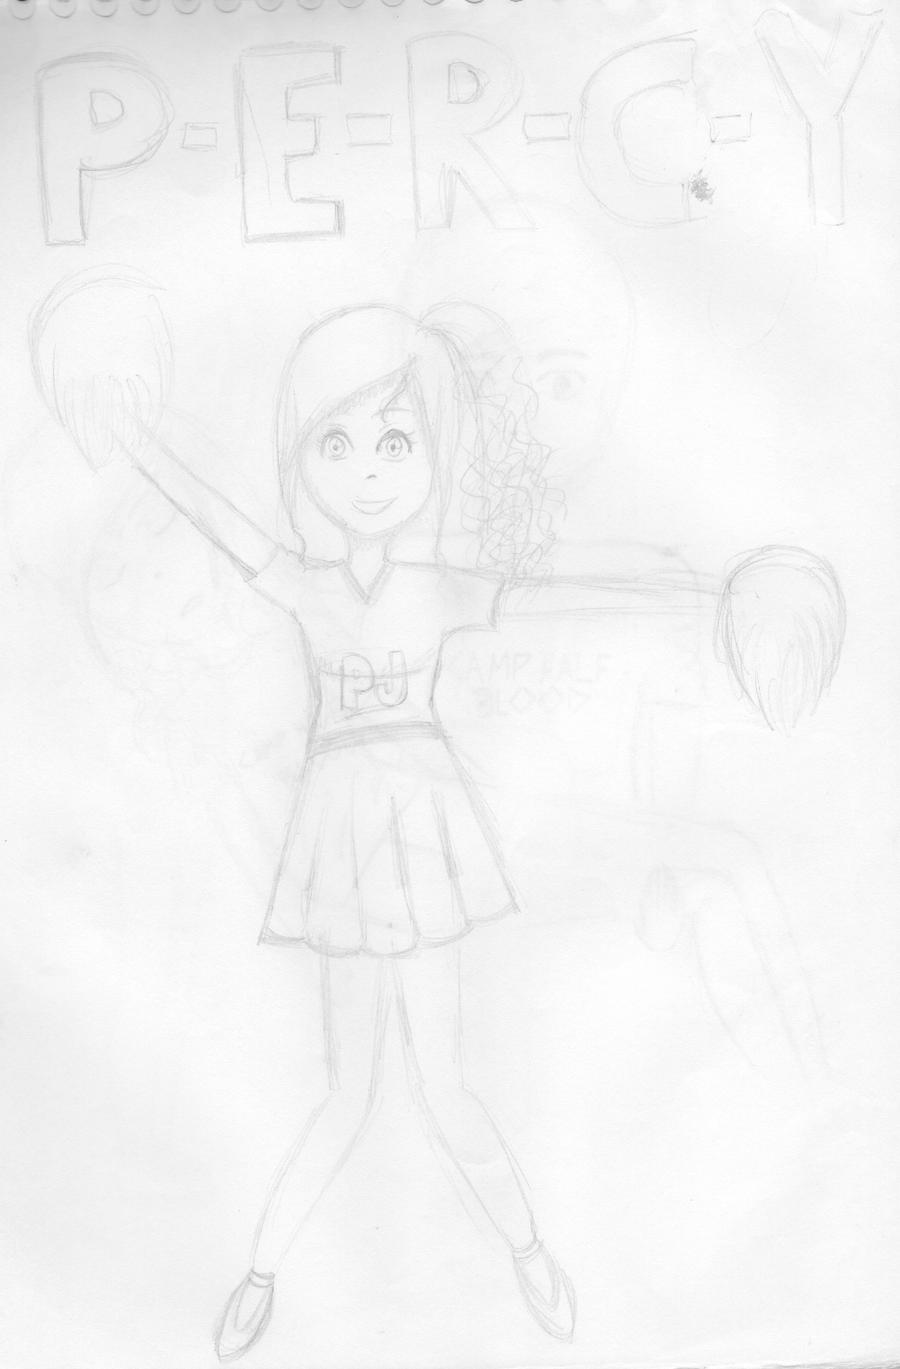 Annabeth Chase - Cheerleader by LilianNogueira